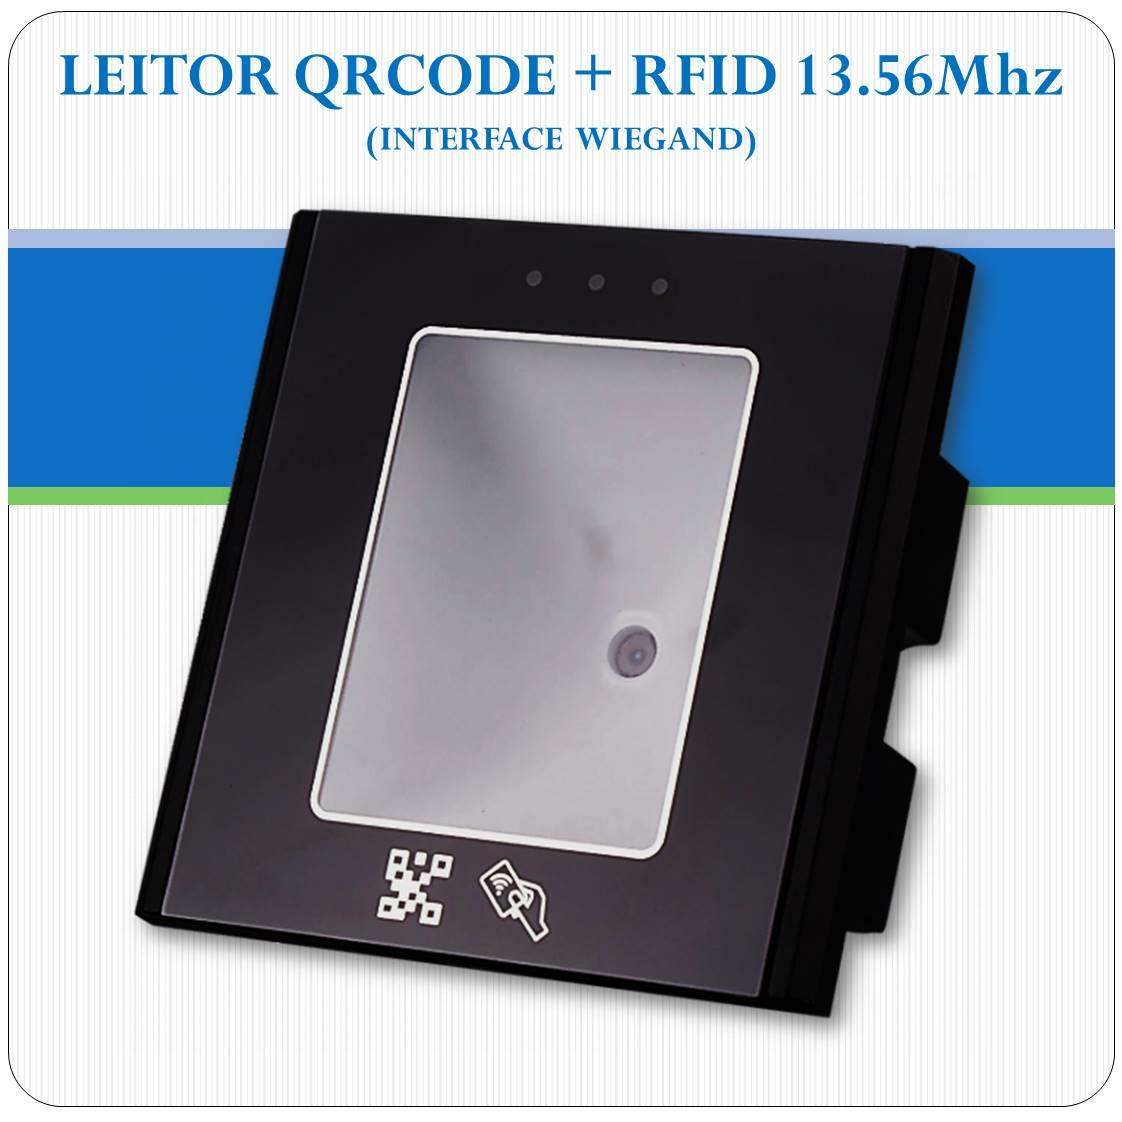 Leitor De Qrcode E Rfid 13.56Mhz Integrados - Interface Wieg26